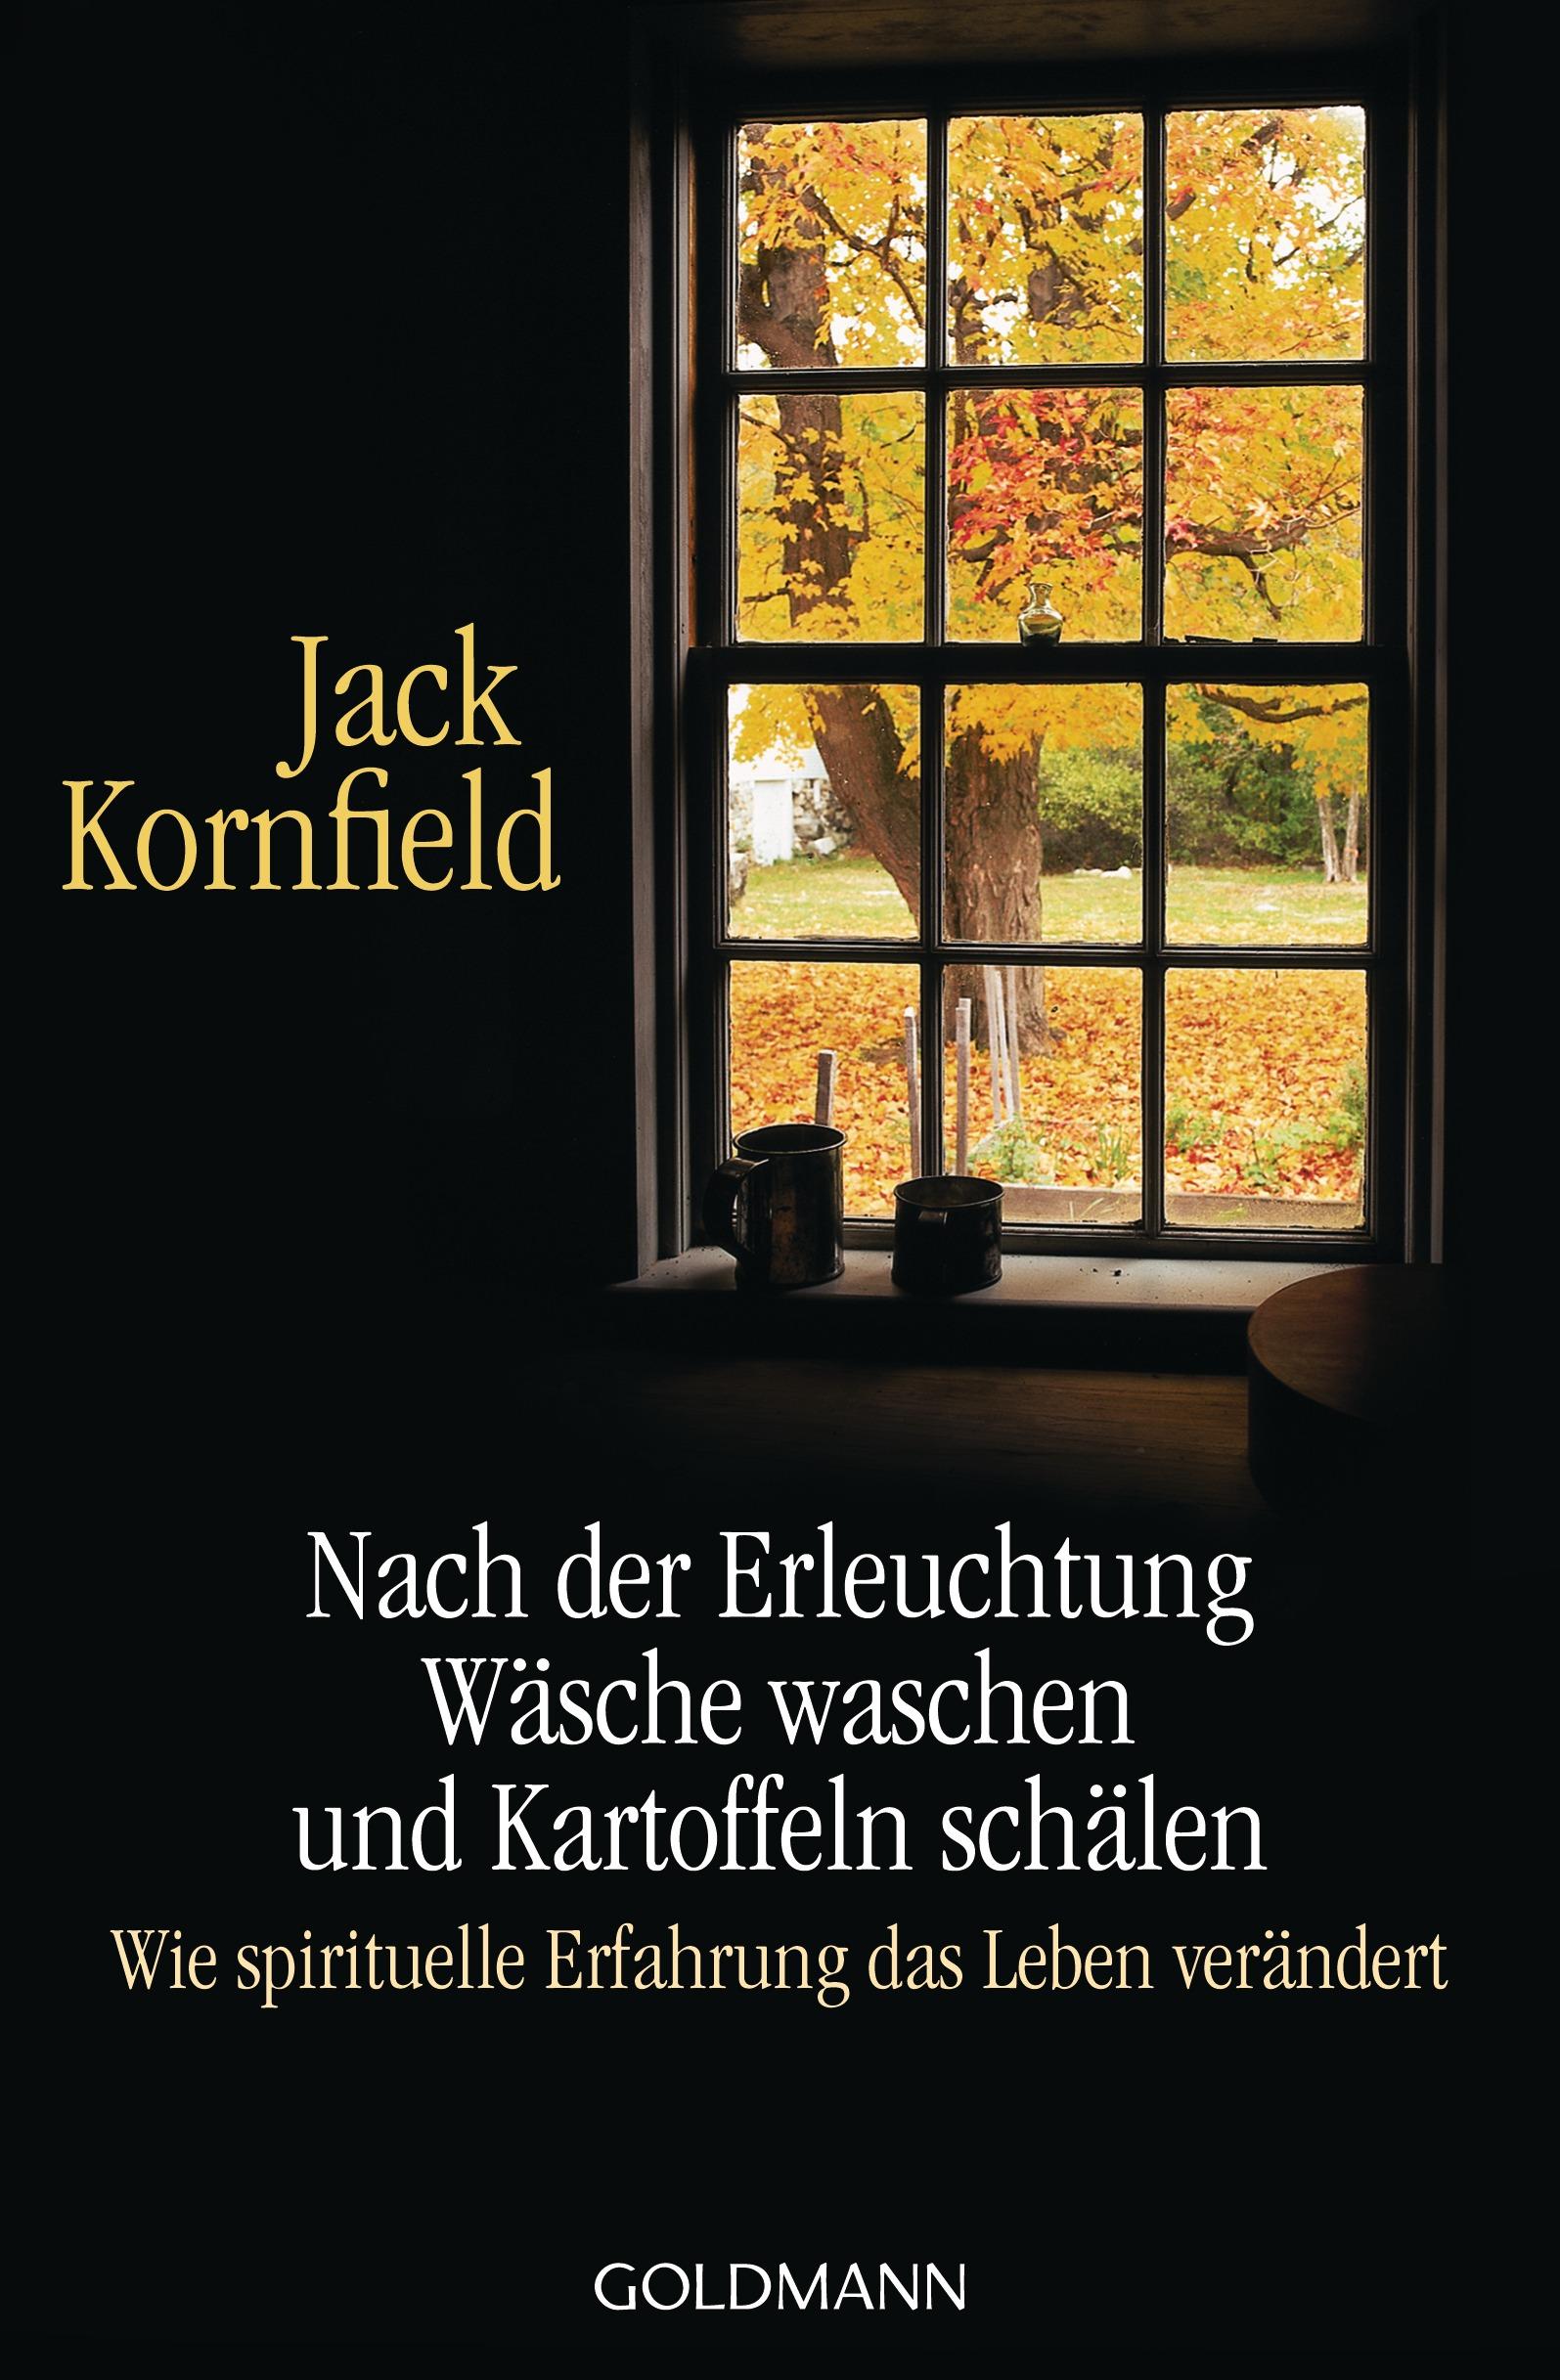 Nach der Erleuchtung Wäsche waschen und Kartoffeln schälen: Wie spirituelle Erfahrung das Leben verändert - Jack Kornfie